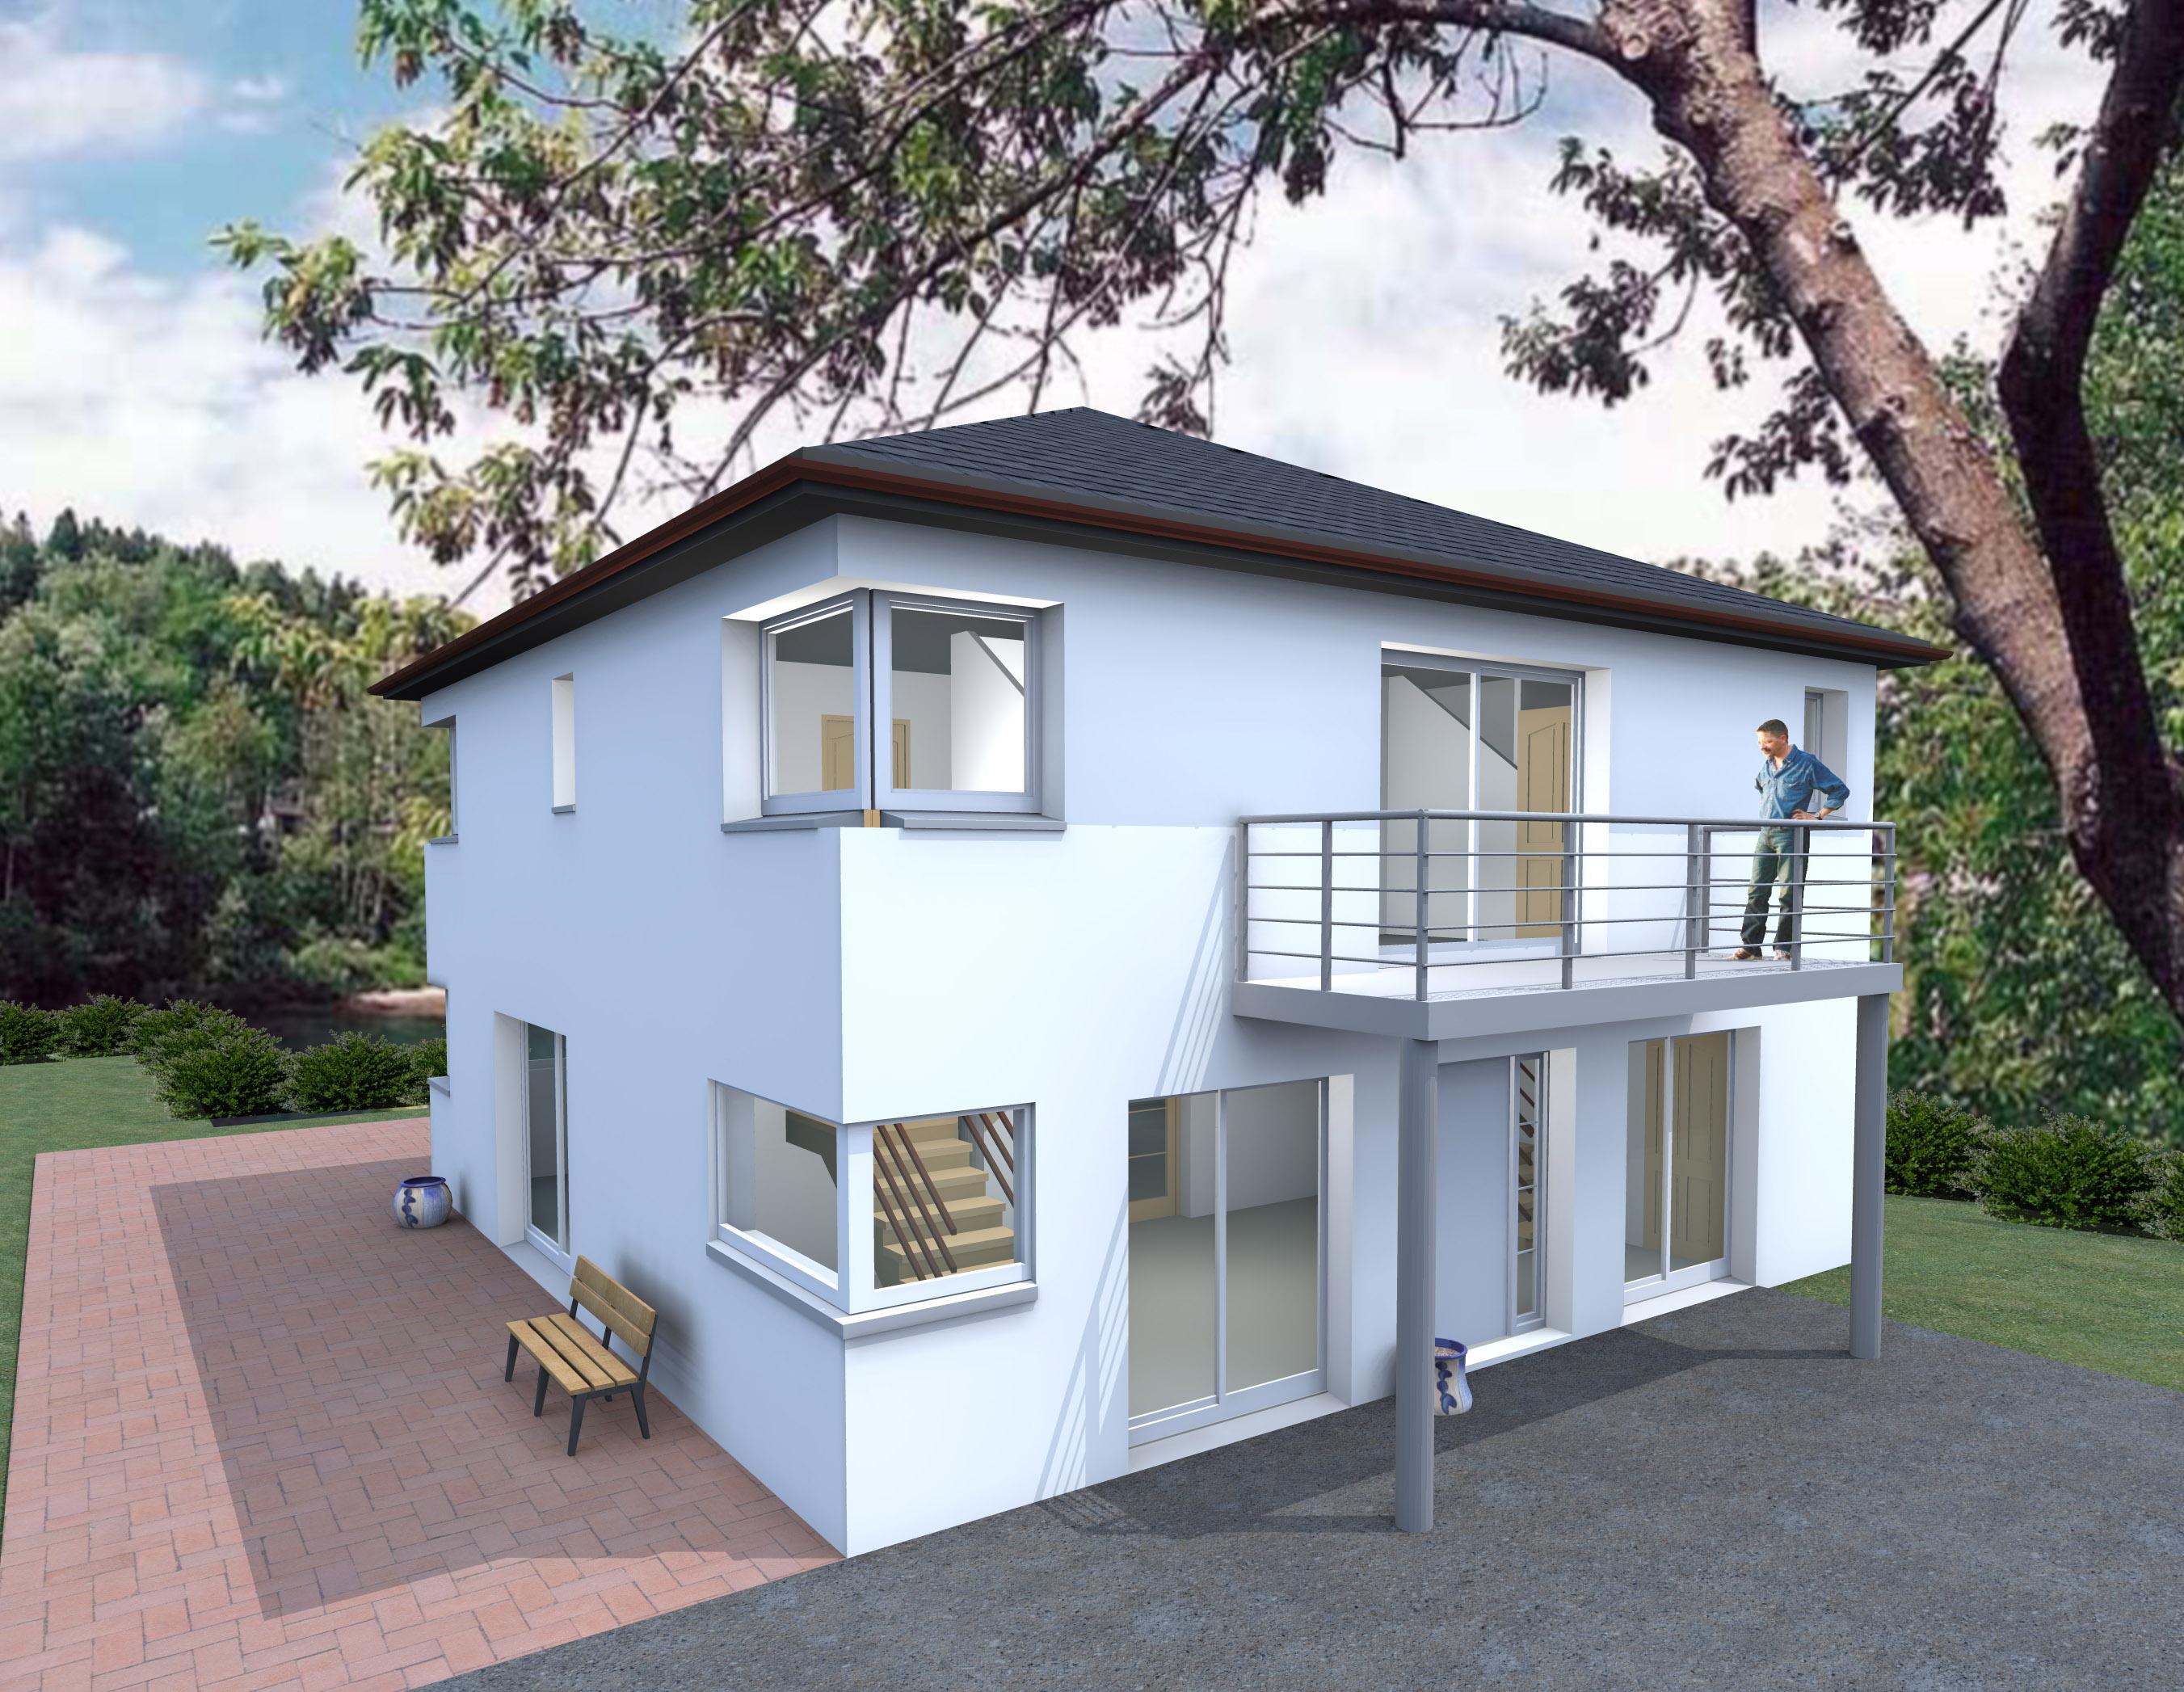 Modele de maison a etage moderne ventana blog for Model maison a etage